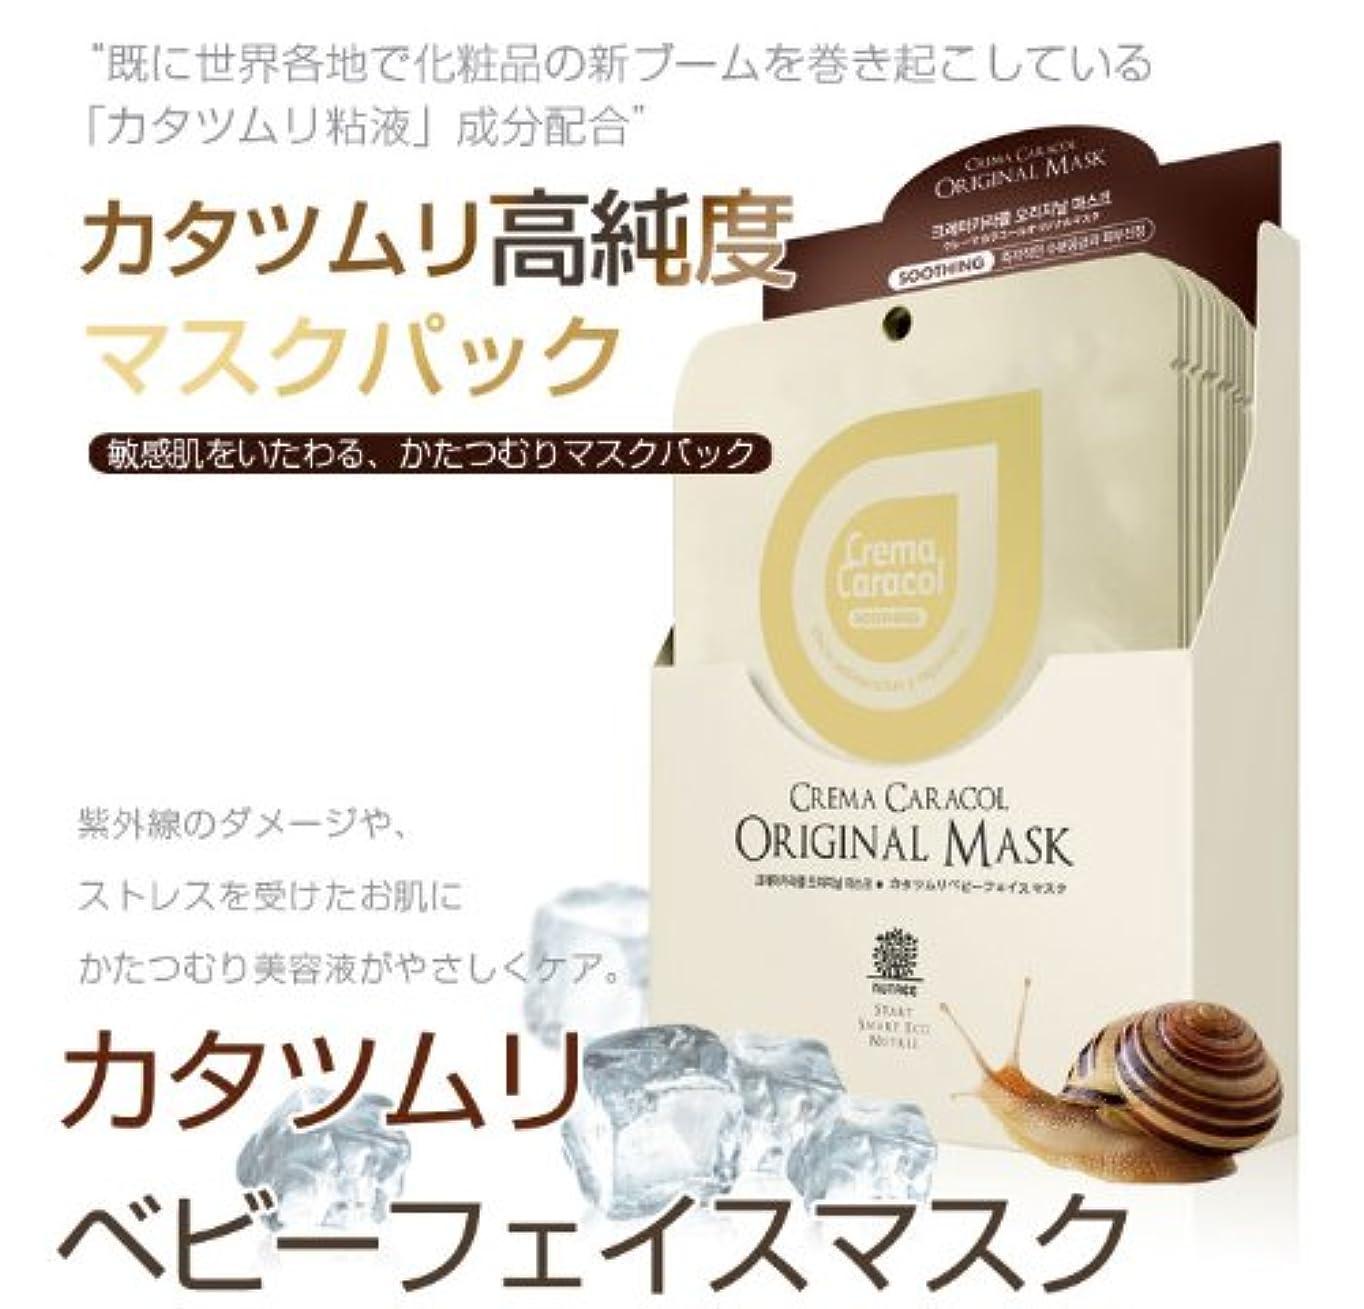 孜民耕 [ジャミンギョン]クレマカラコールオリジナルマスク( かたつむりシートマスク) (10+2枚)